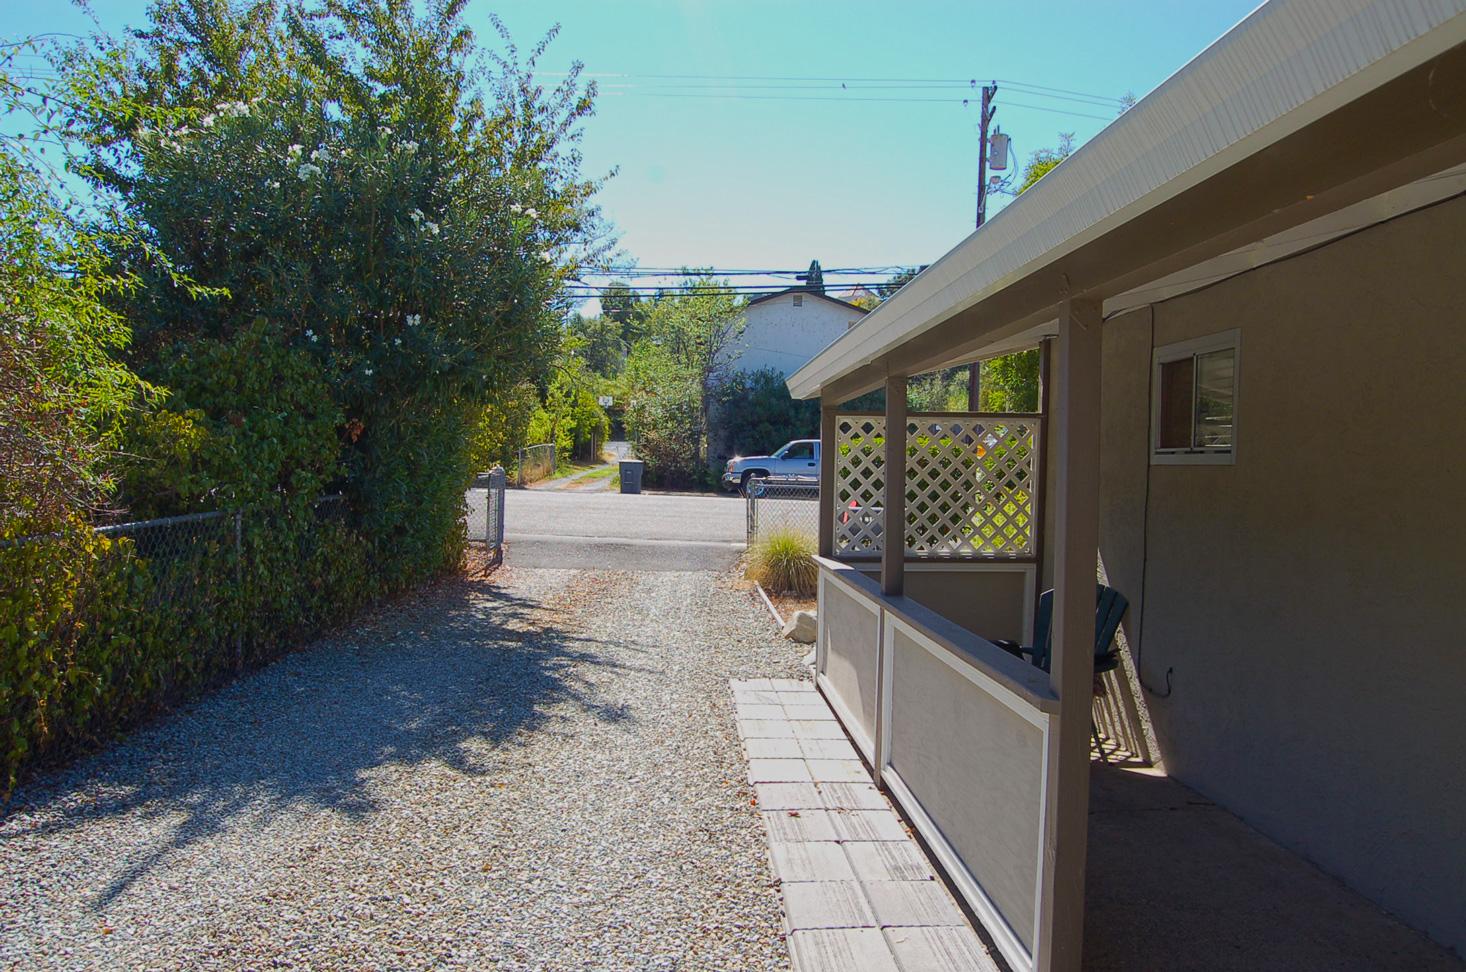 945 West St Redding CA 96001 MLS# 11-4275